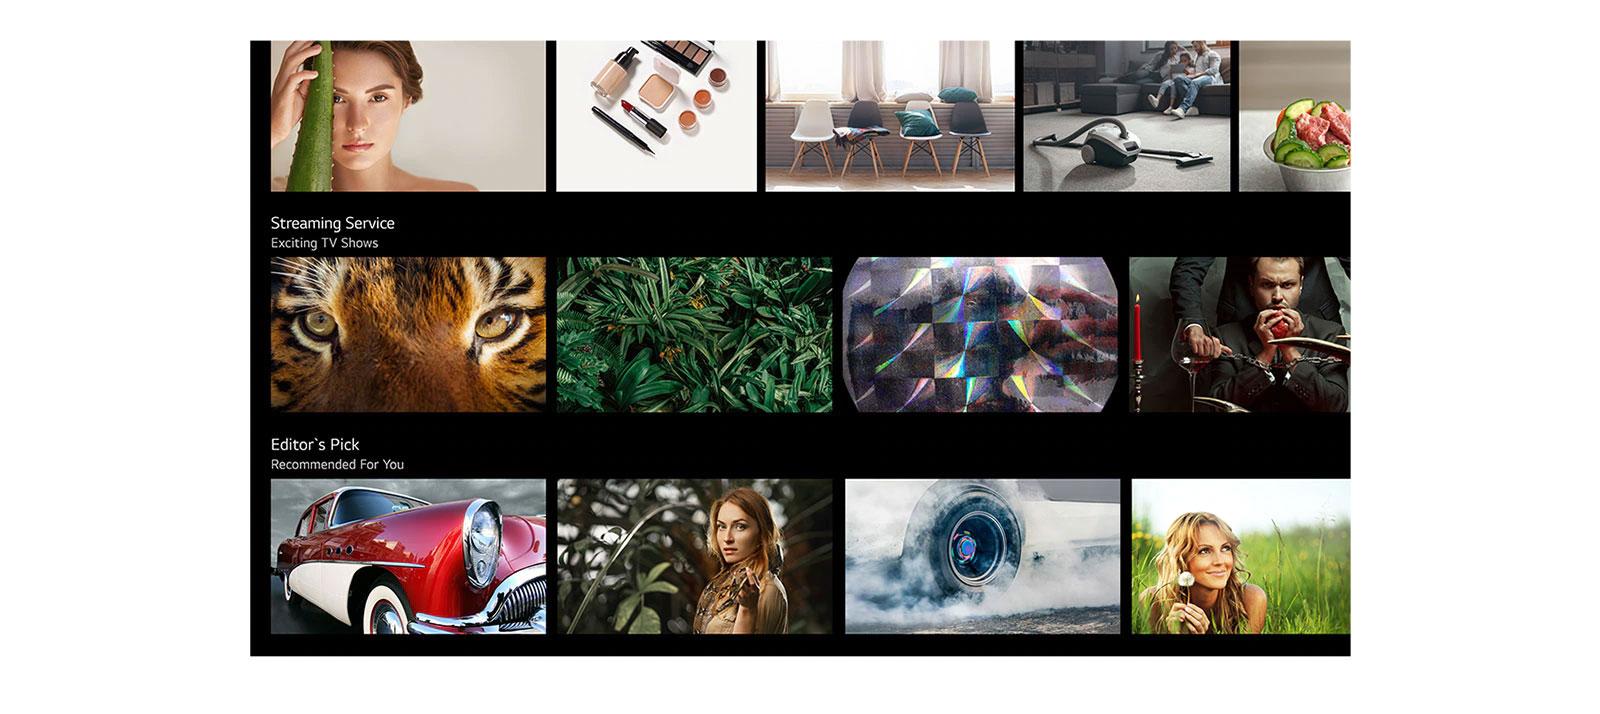 Una pantalla de televisor que muestra varios contenidos presentados y recomendados por LG AI ThinQ. (reproducir el video)